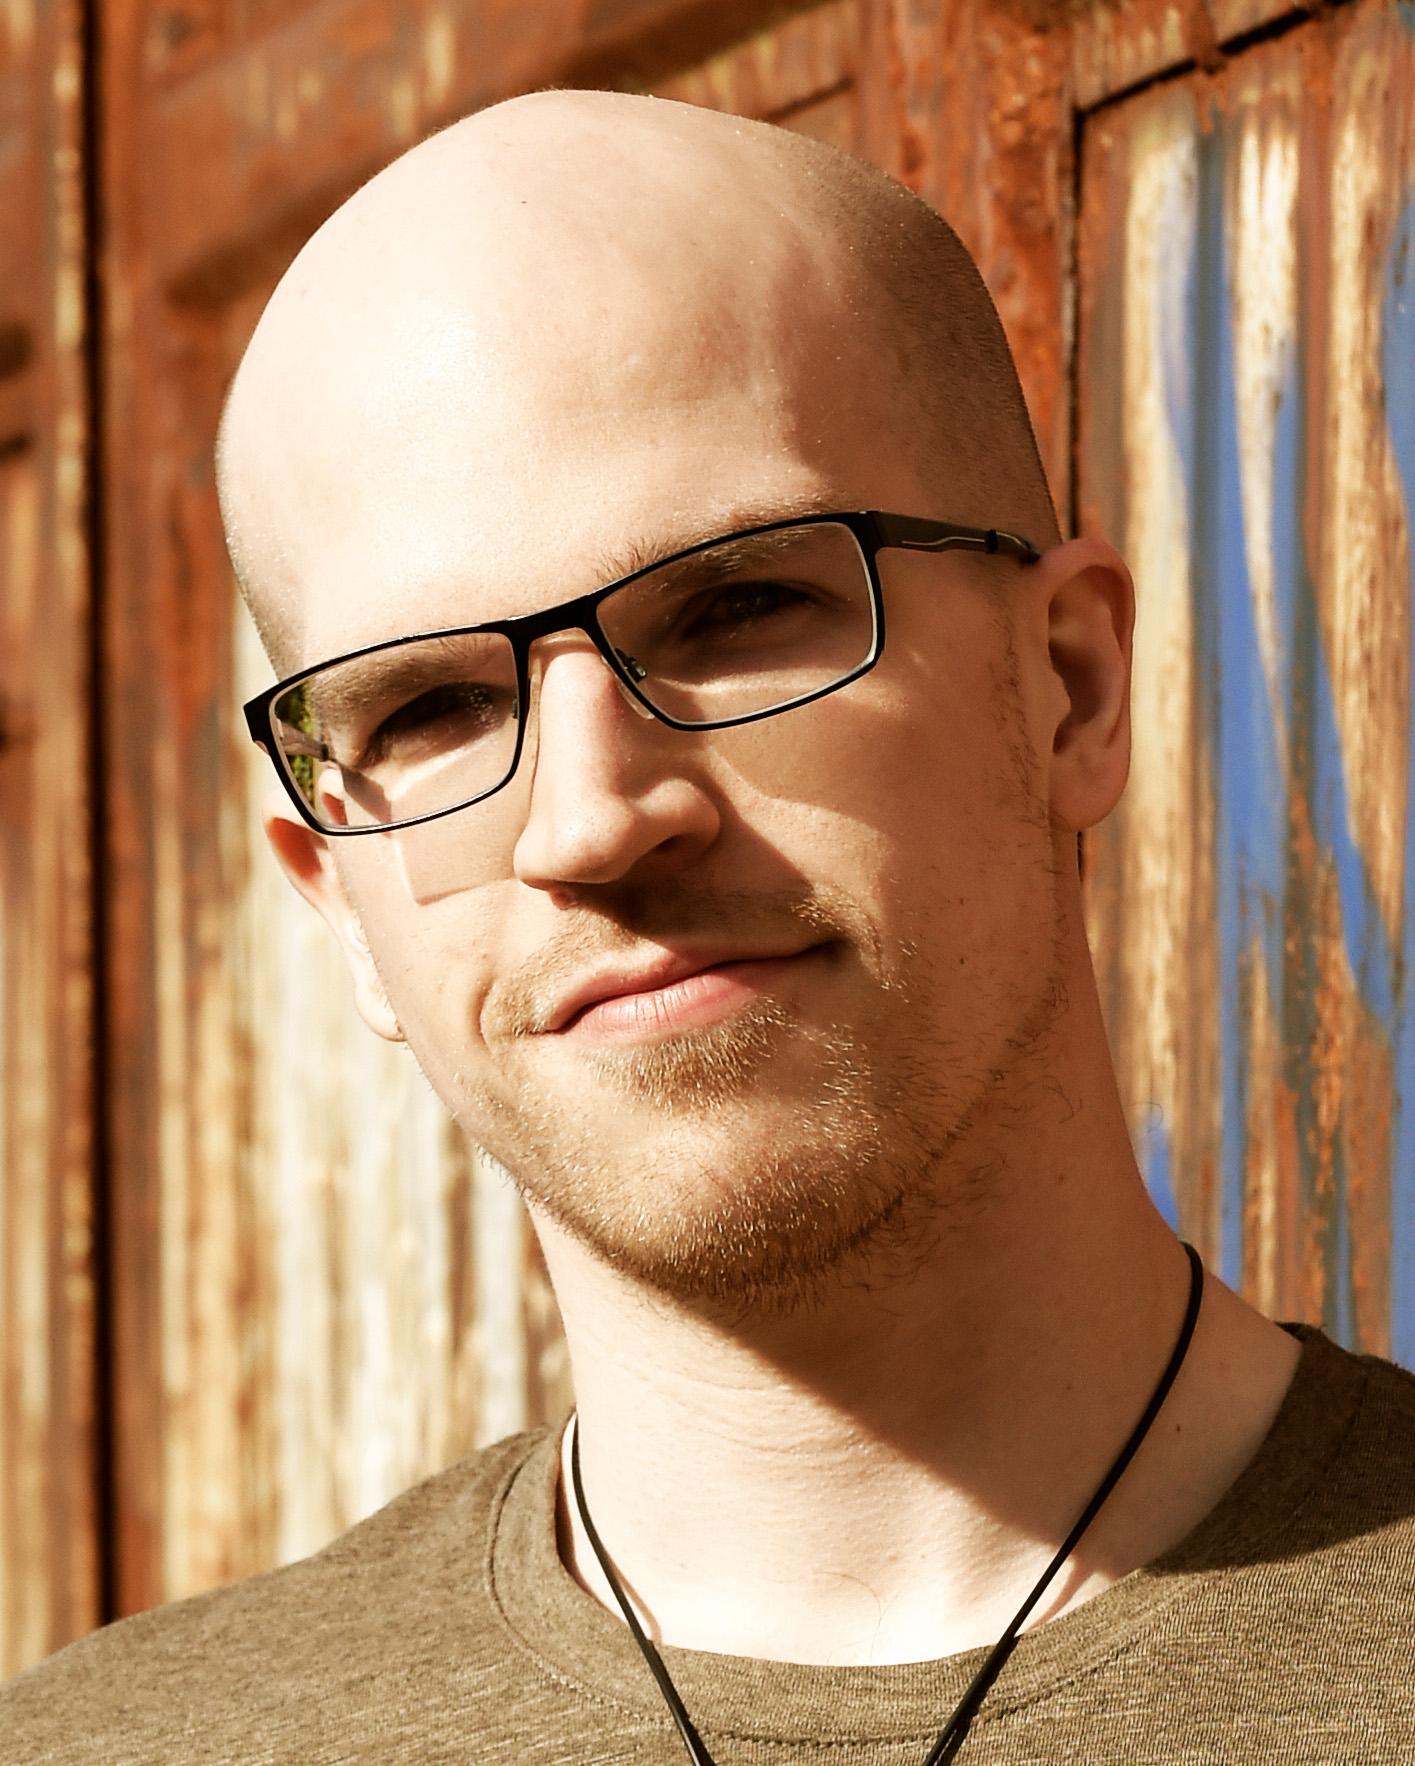 Daniel Lortie